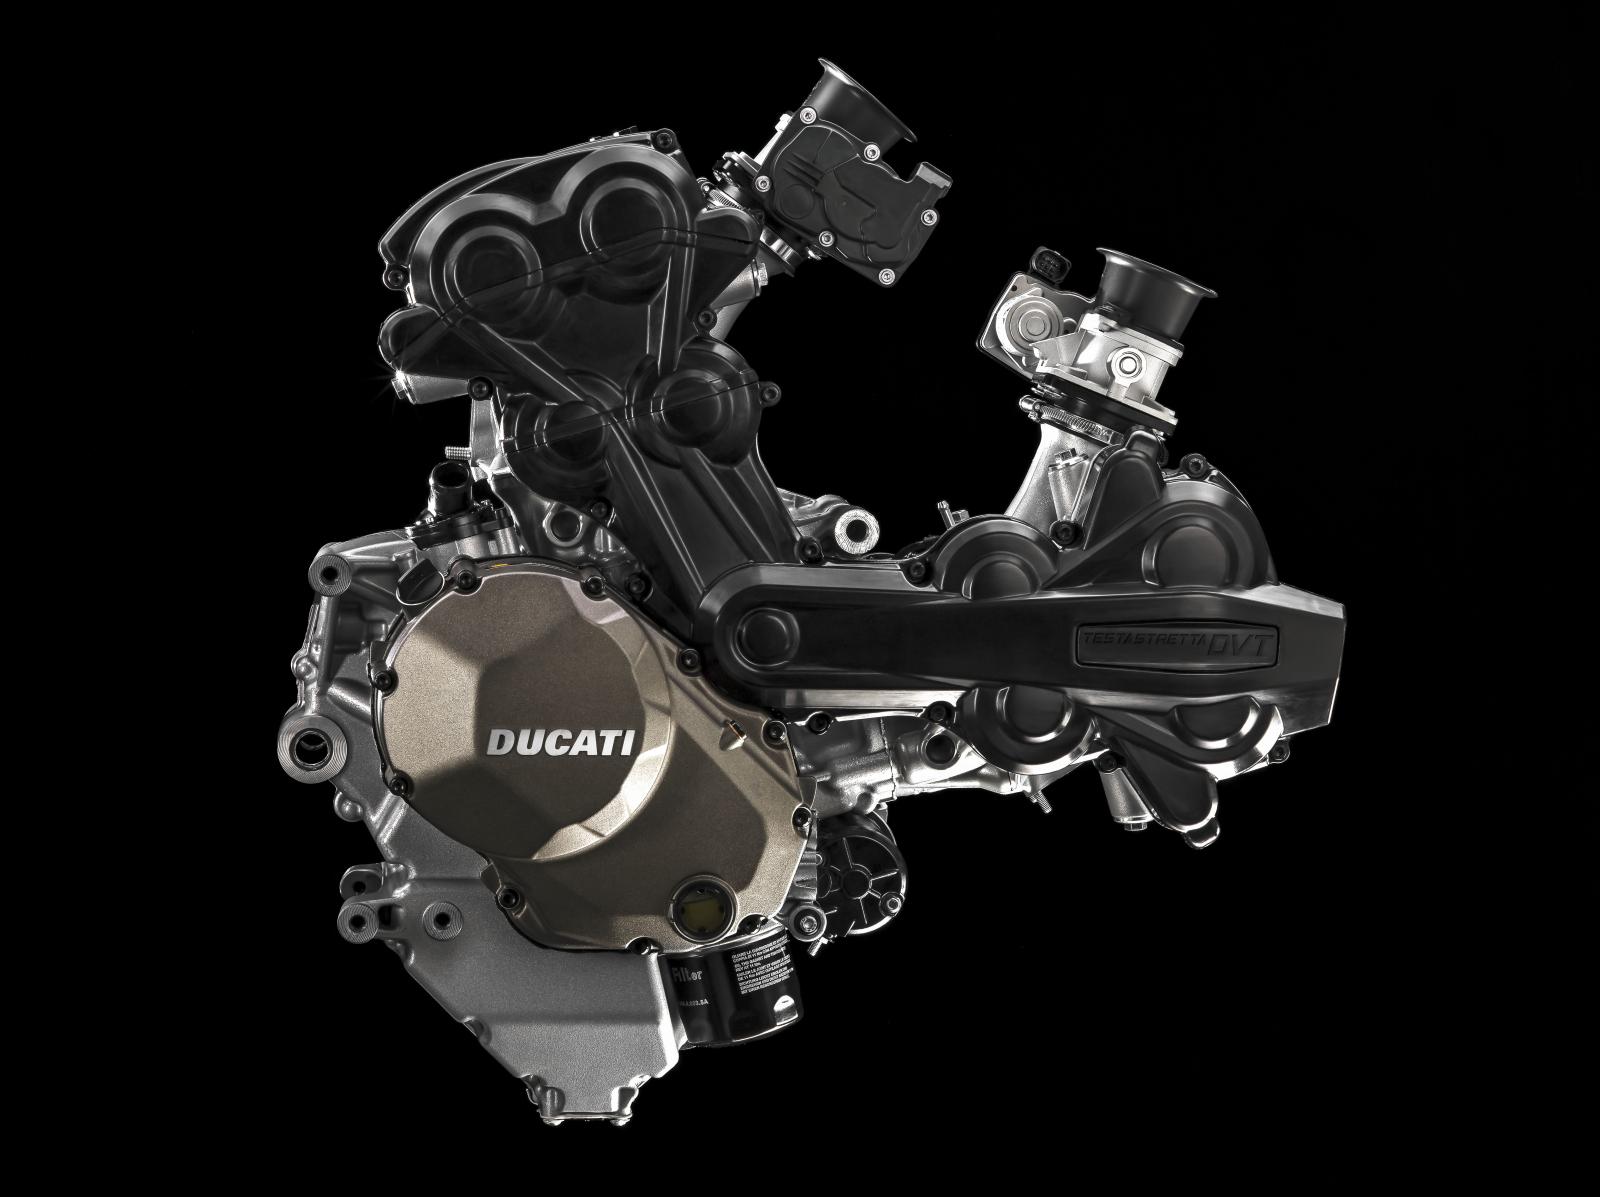 Ducati 1200 DVT Motor